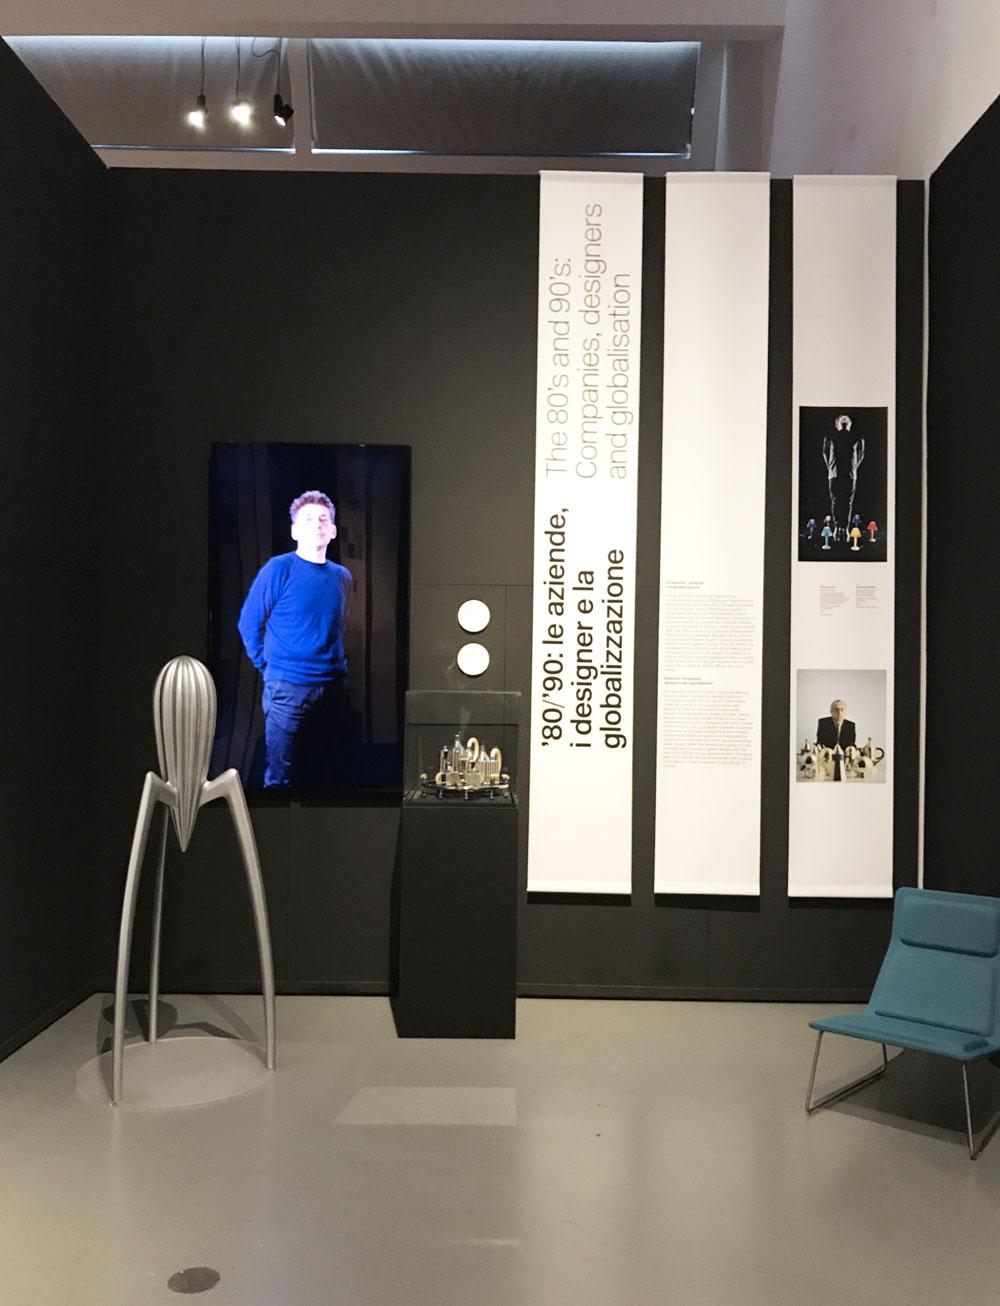 Storie, il design italiano in mostra alla Triennale